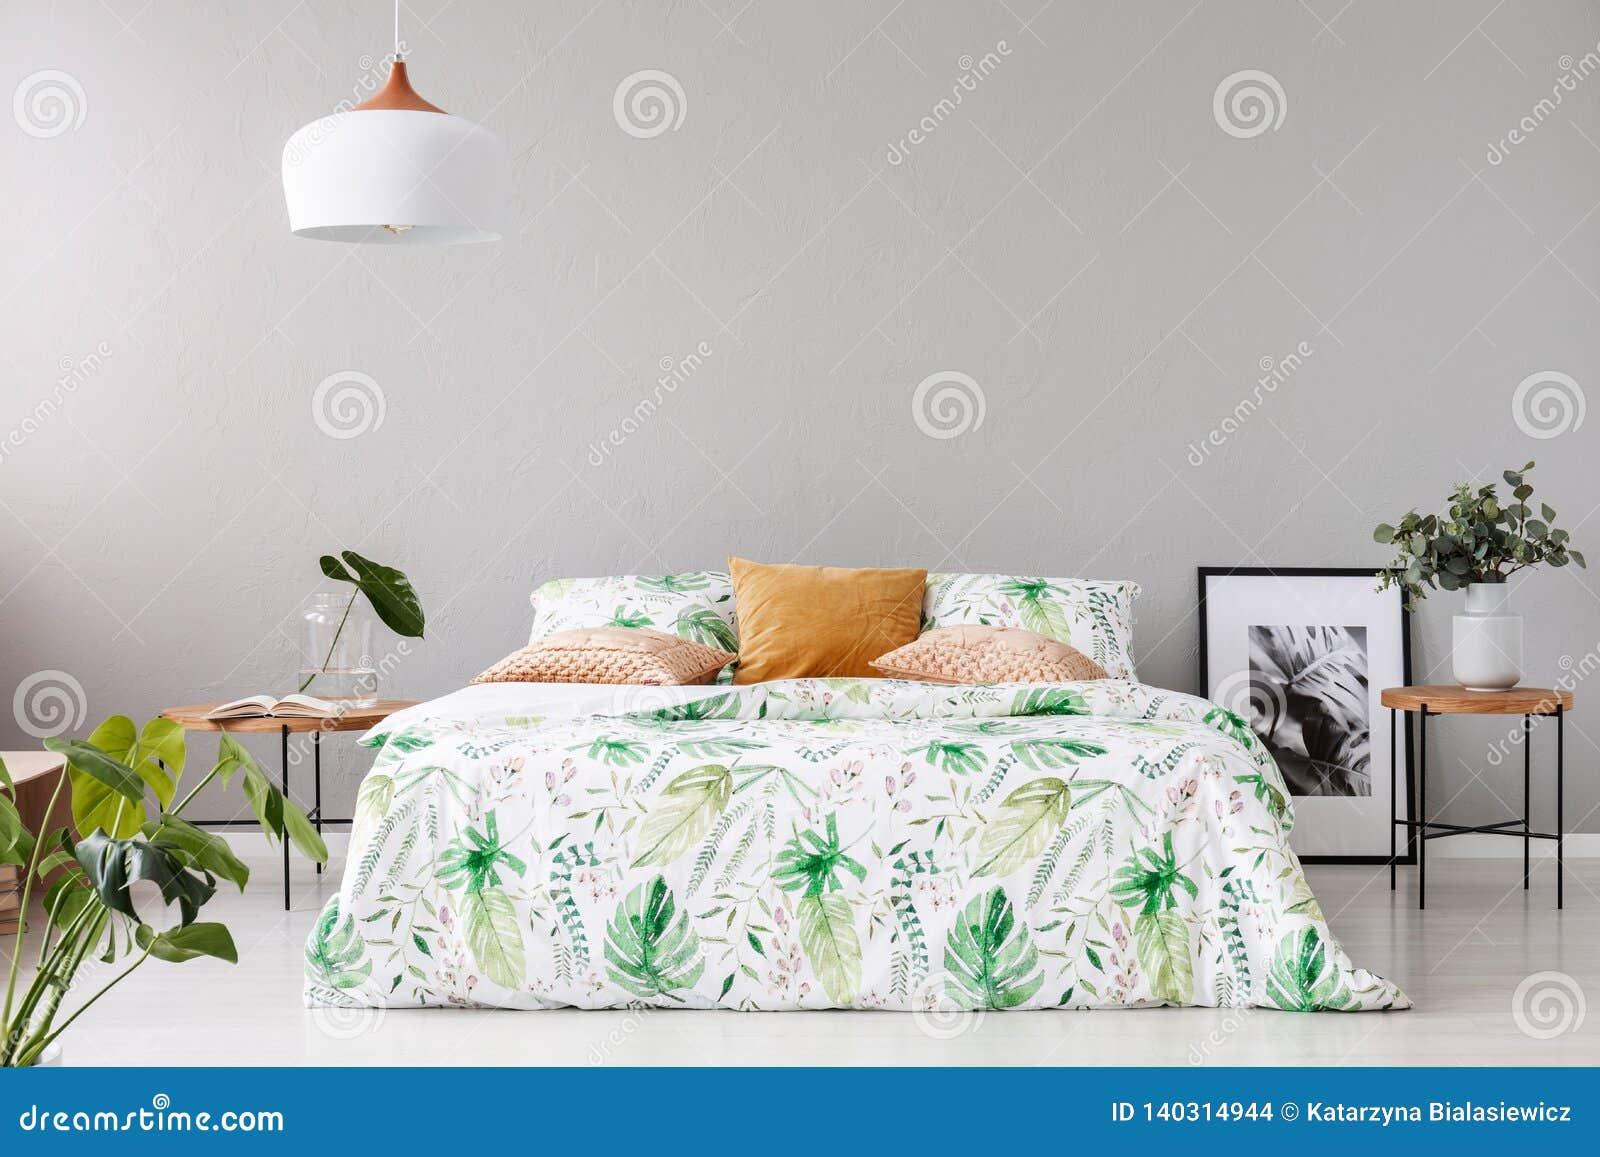 Το διπλό κρεβάτι με το floral duvet και το ροδάκινο χρωμάτισε το μαξιλάρι μεταξύ δύο ξύλινων nightstands με τα λουλούδια στα βάζα